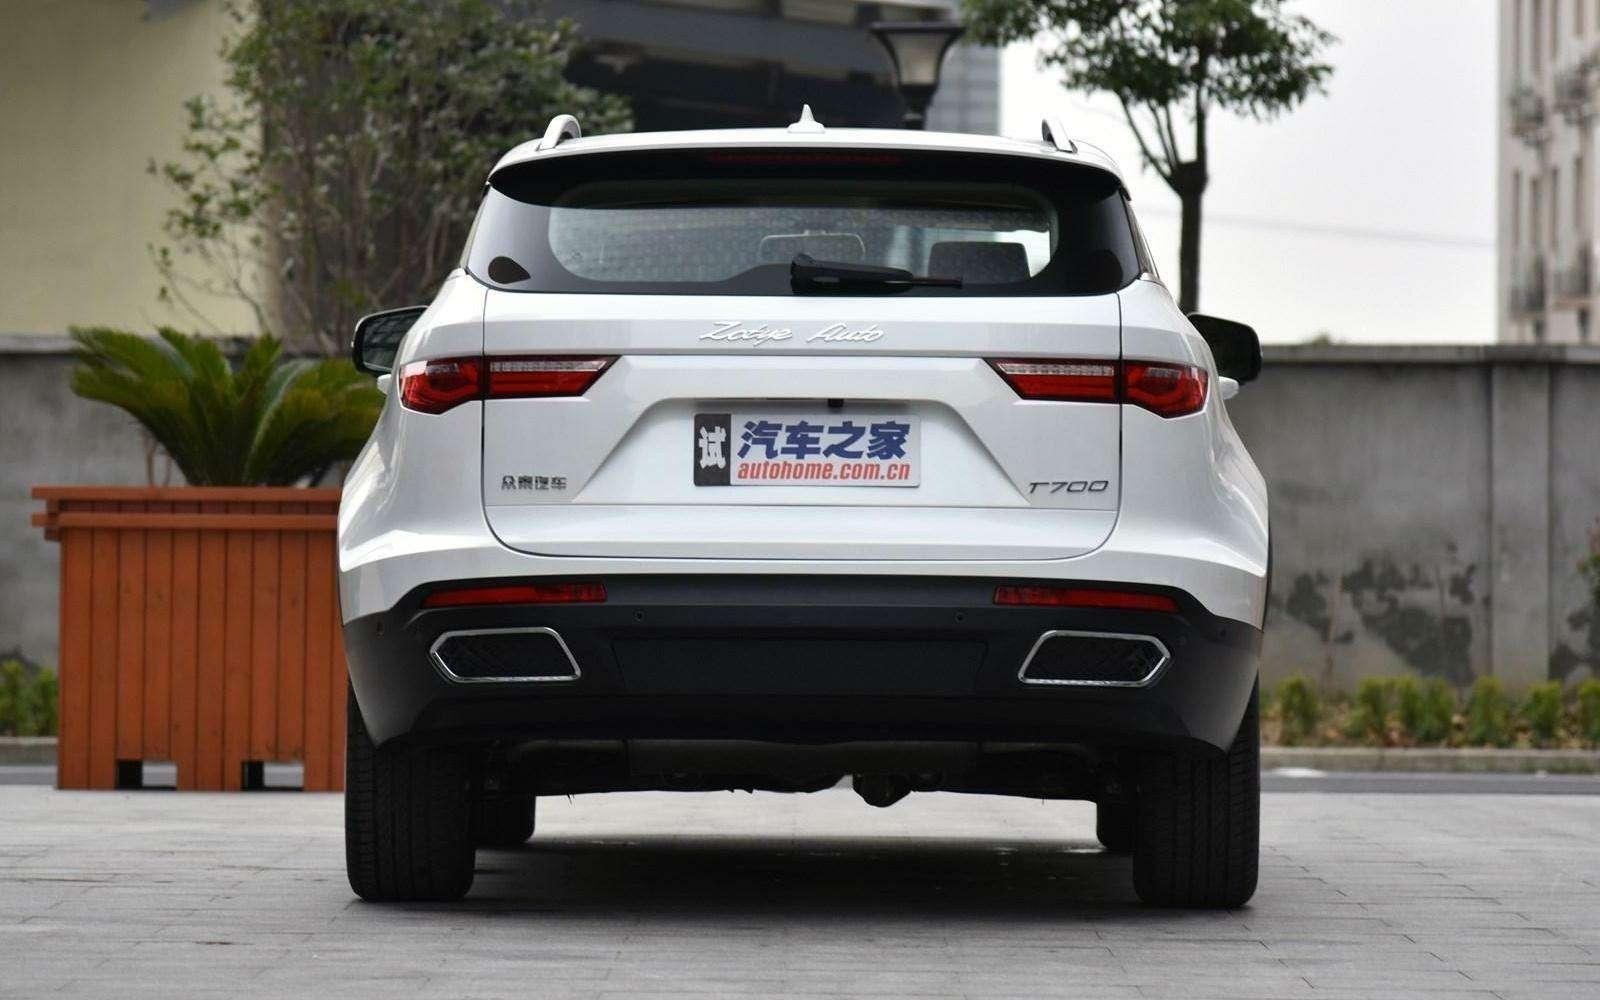 Jaguar иLand Rover водном флаконе: стартовало производство кроссовера Zotye T700— фото 727978